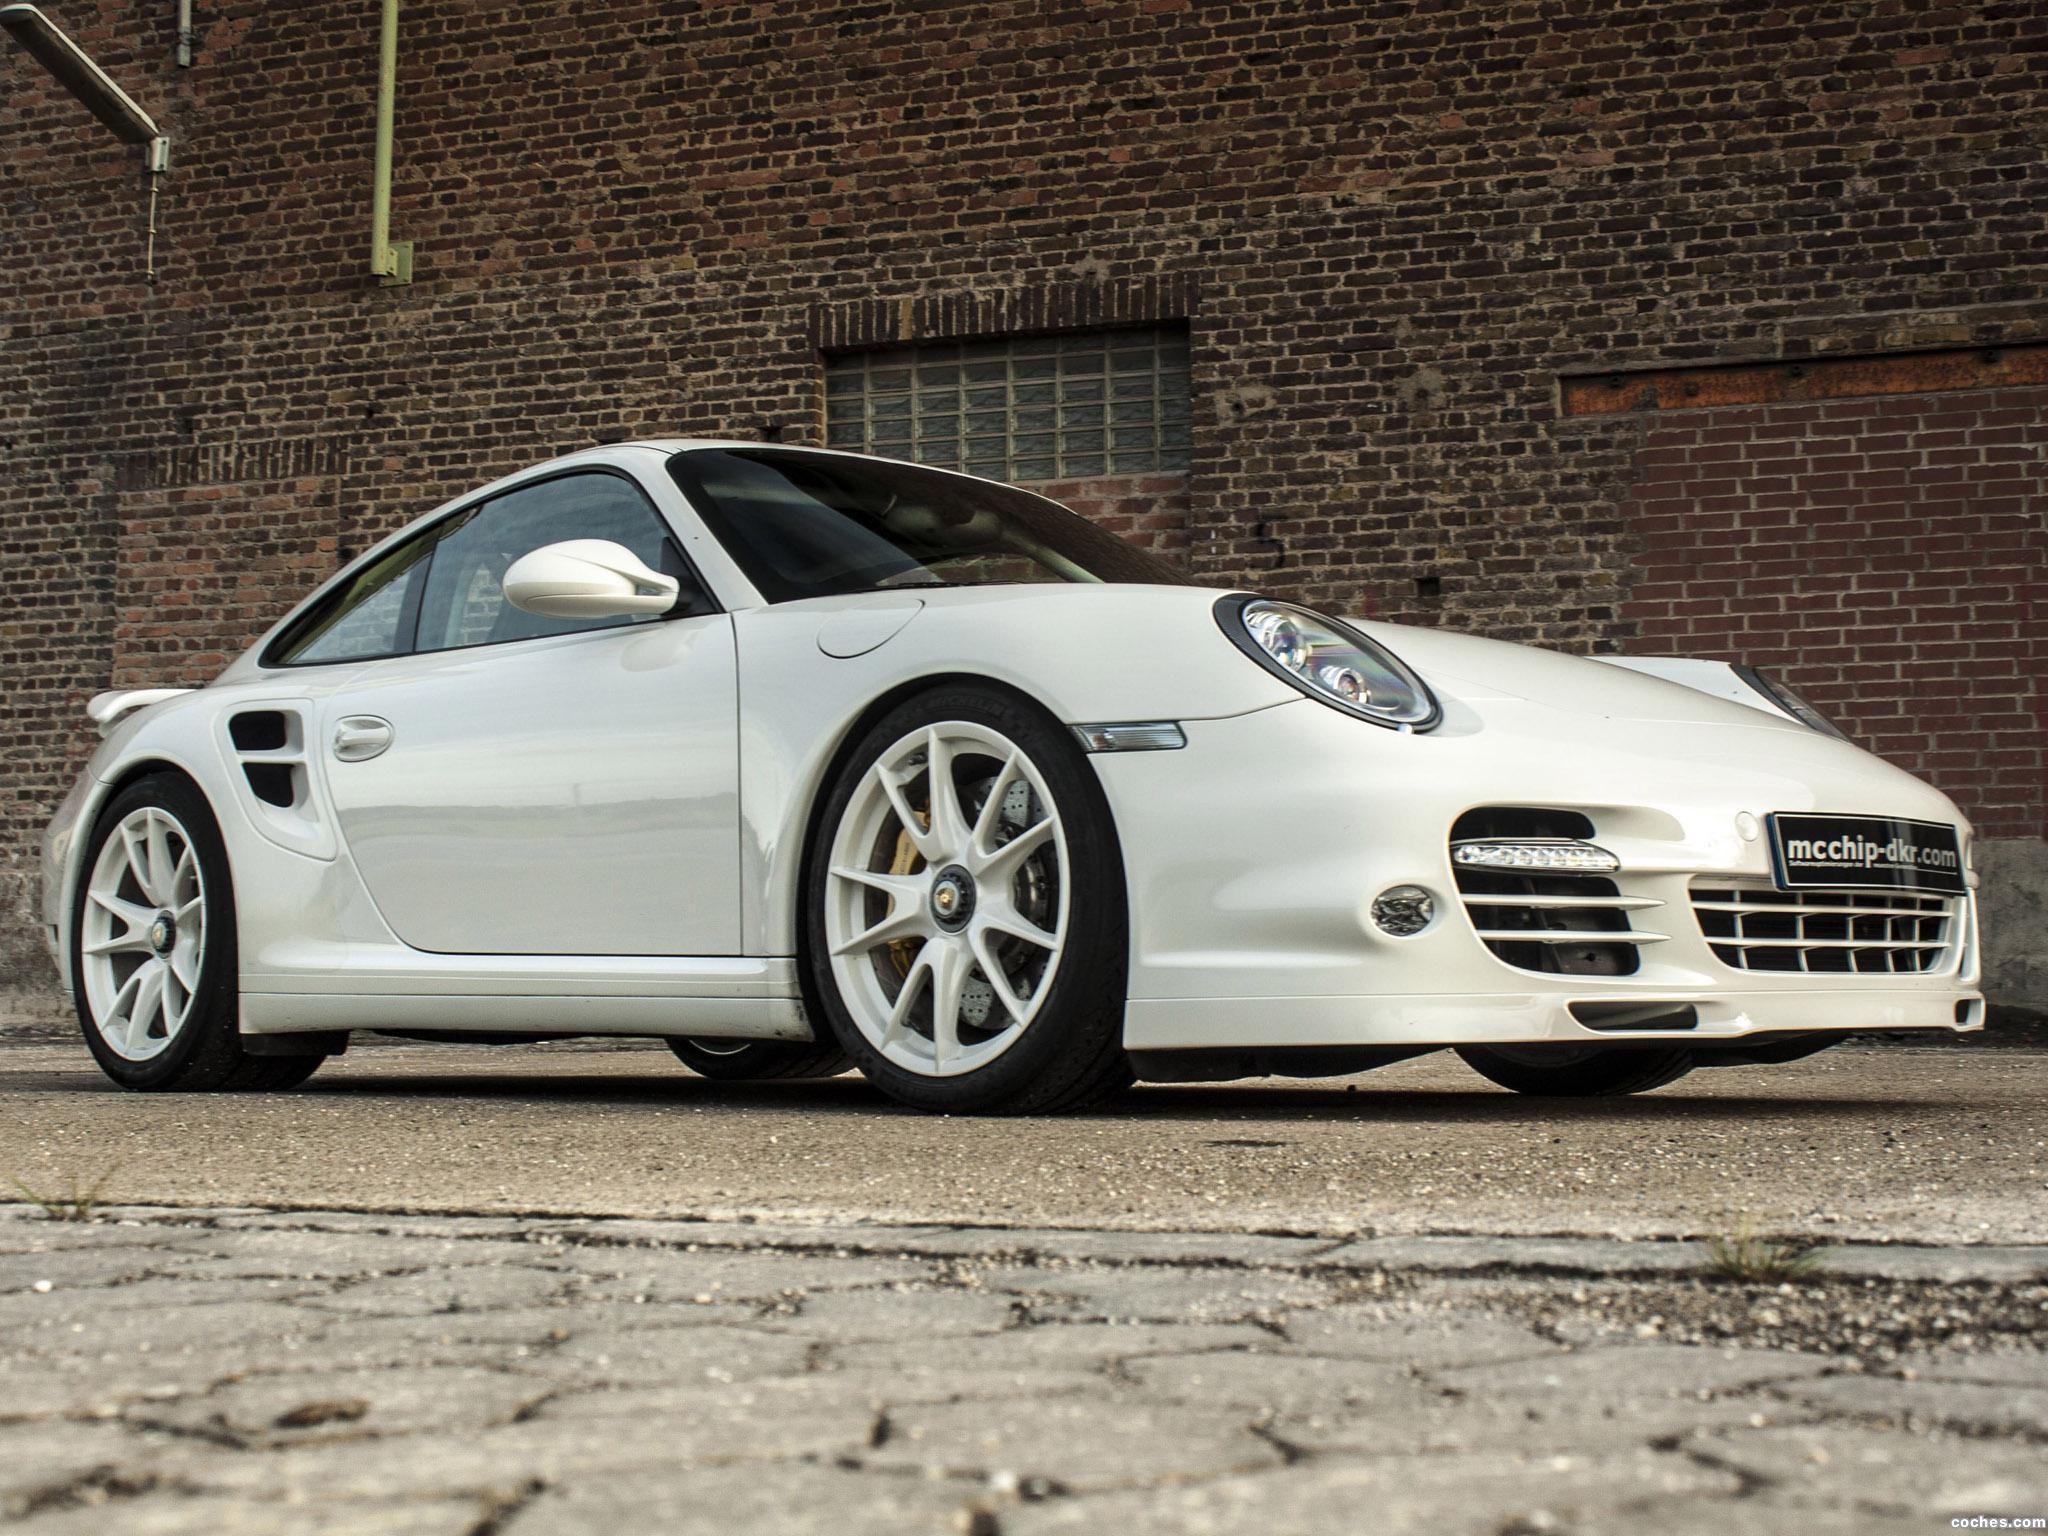 Foto 0 de MC Chip Dkr Porsche 911 Turbo S 997 2013